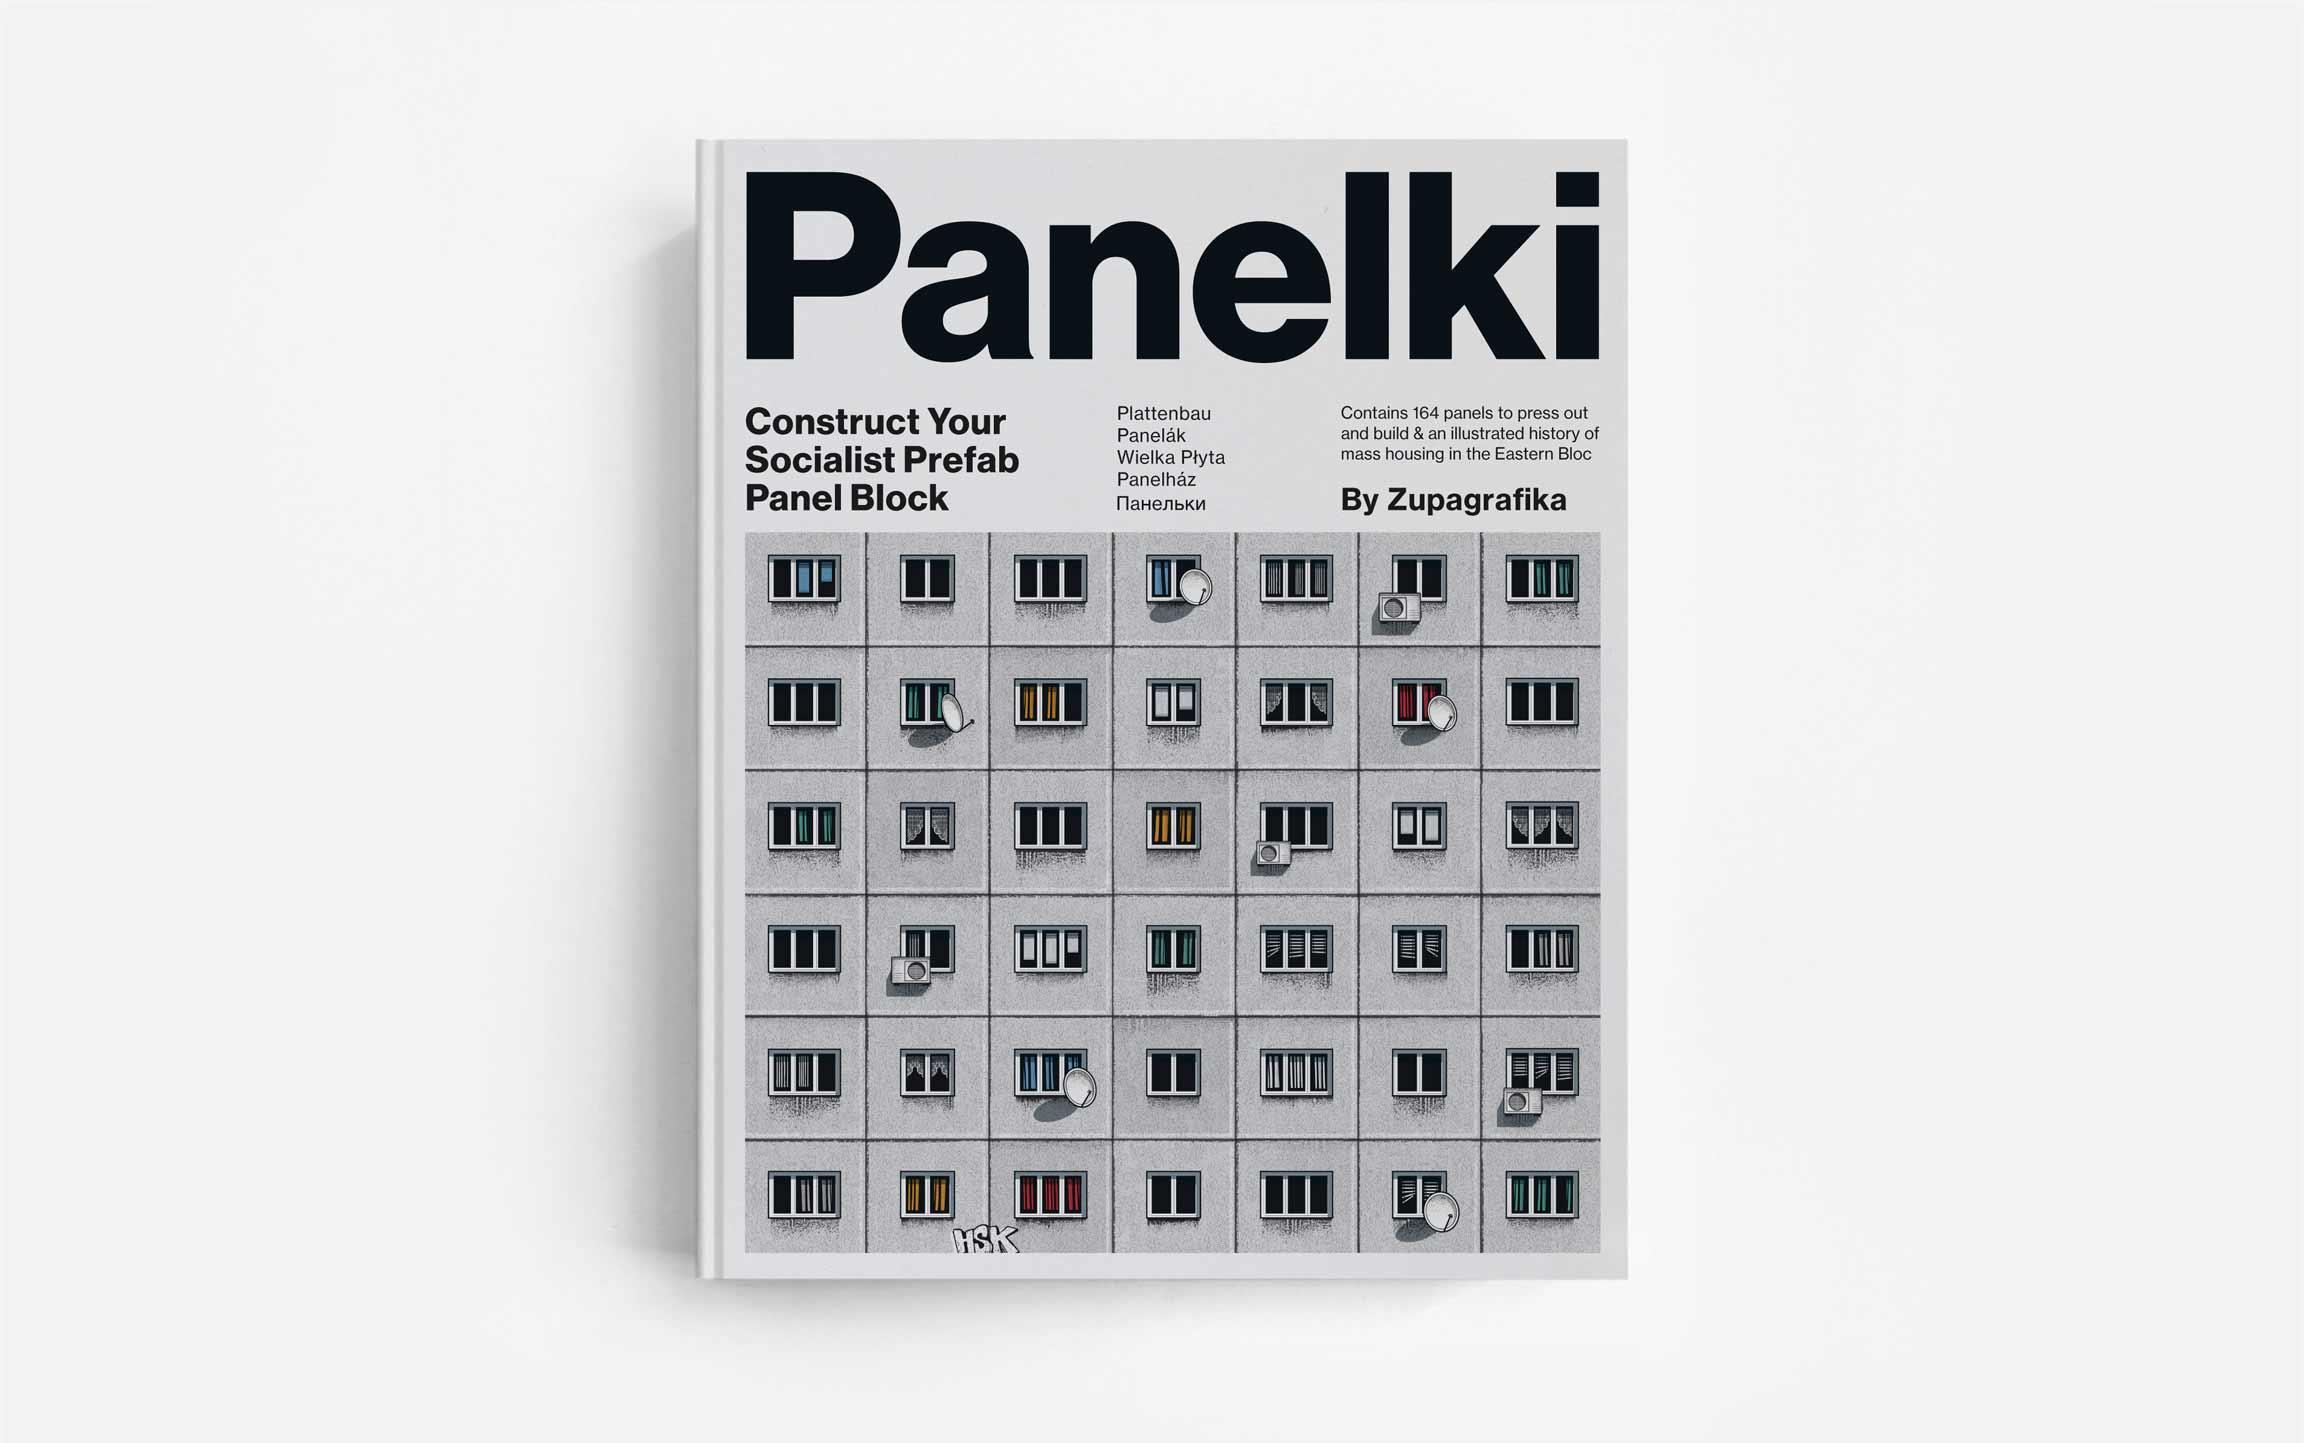 """""""Panelki"""": Papp-Plattenbauten zum Selberbasteln Panelki-plattenbau-papp-bastelbogen_02"""